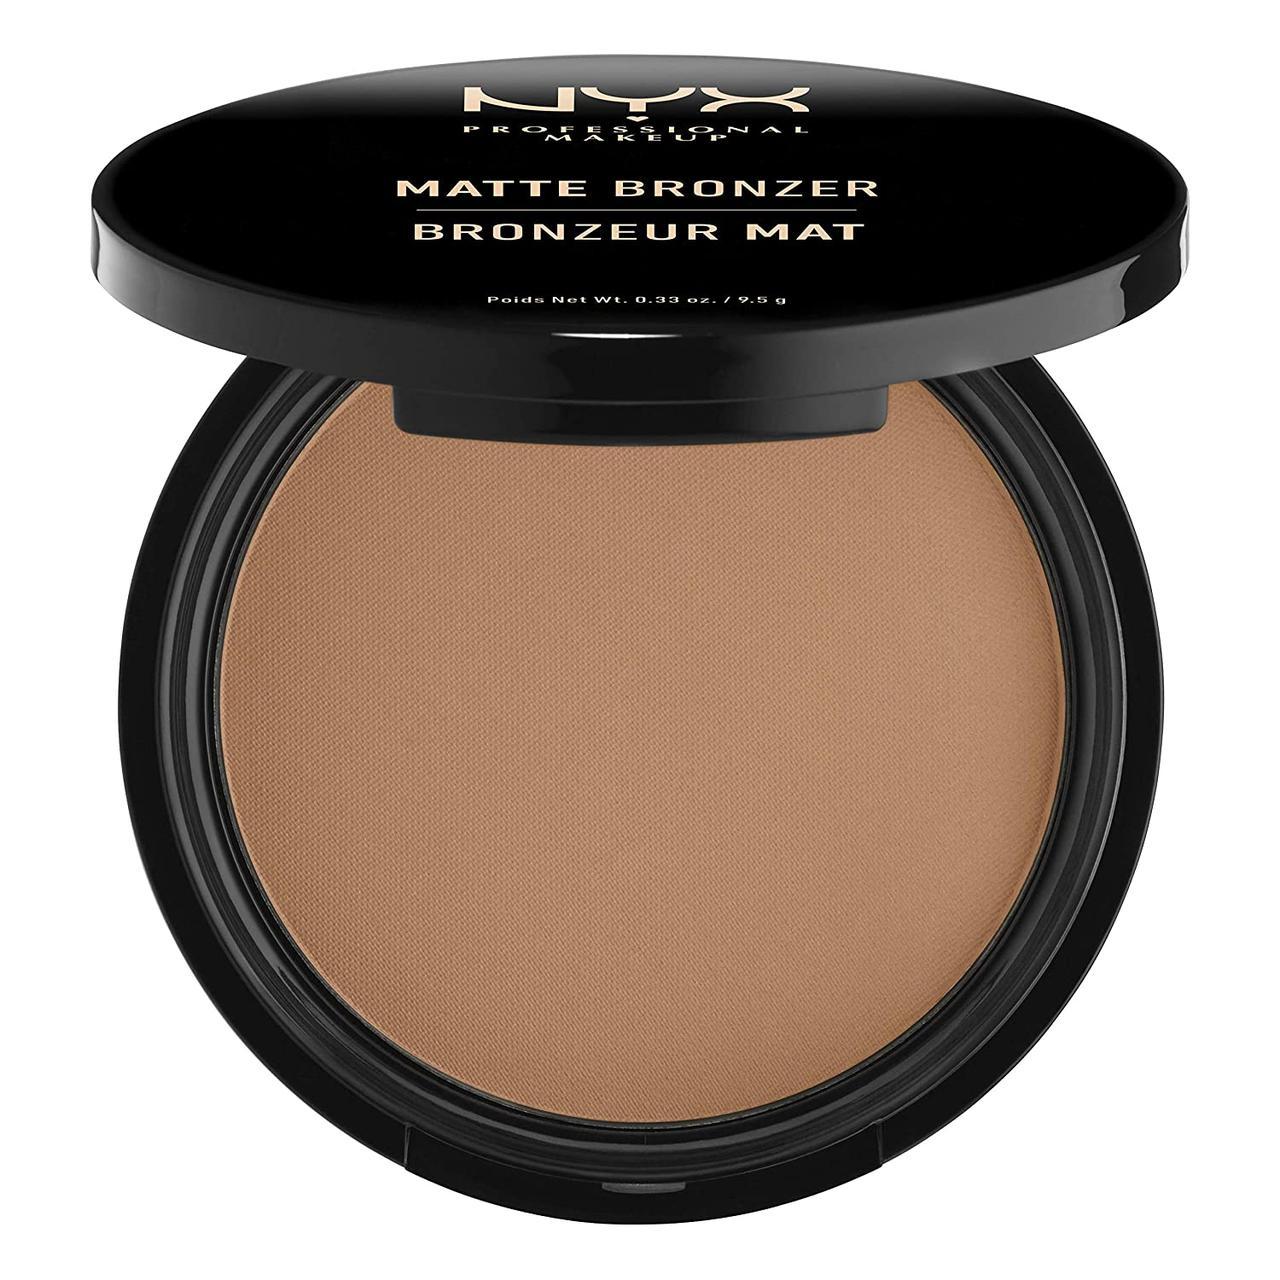 Матирующий бронзатор для лица и тела NYX Professional Makeup Matte Bronzer Medium